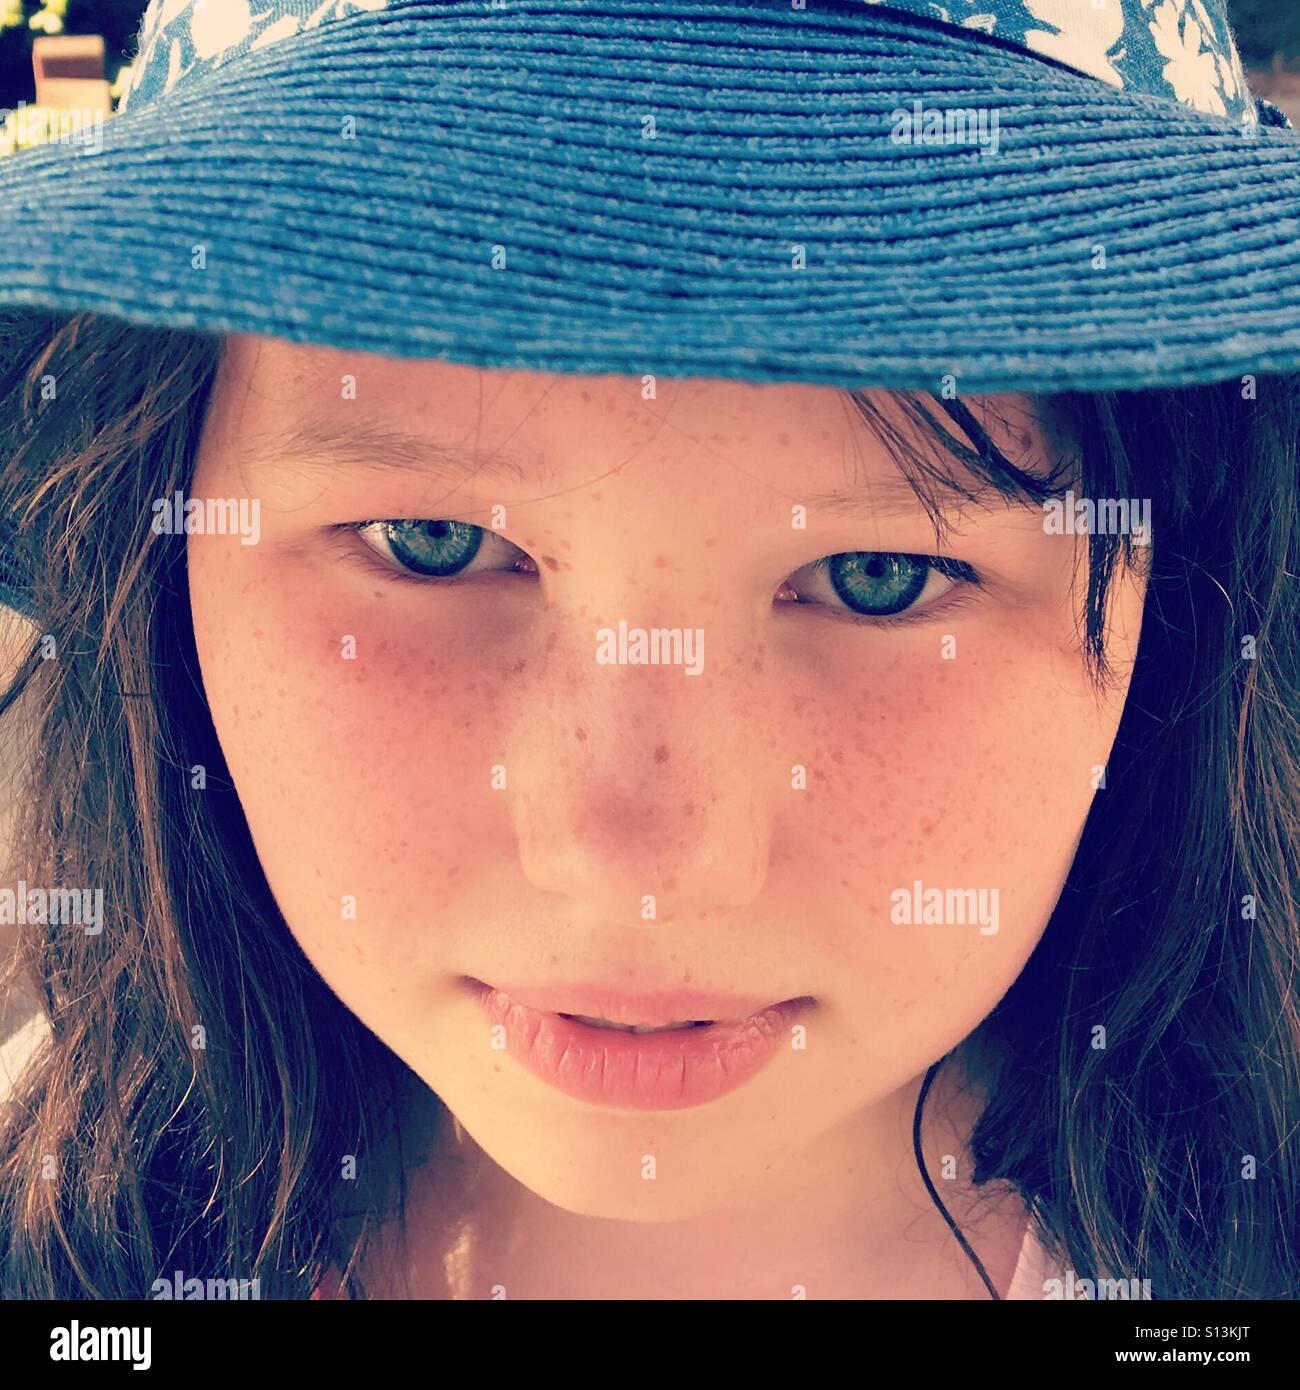 Ole blue eyes - Stock Image